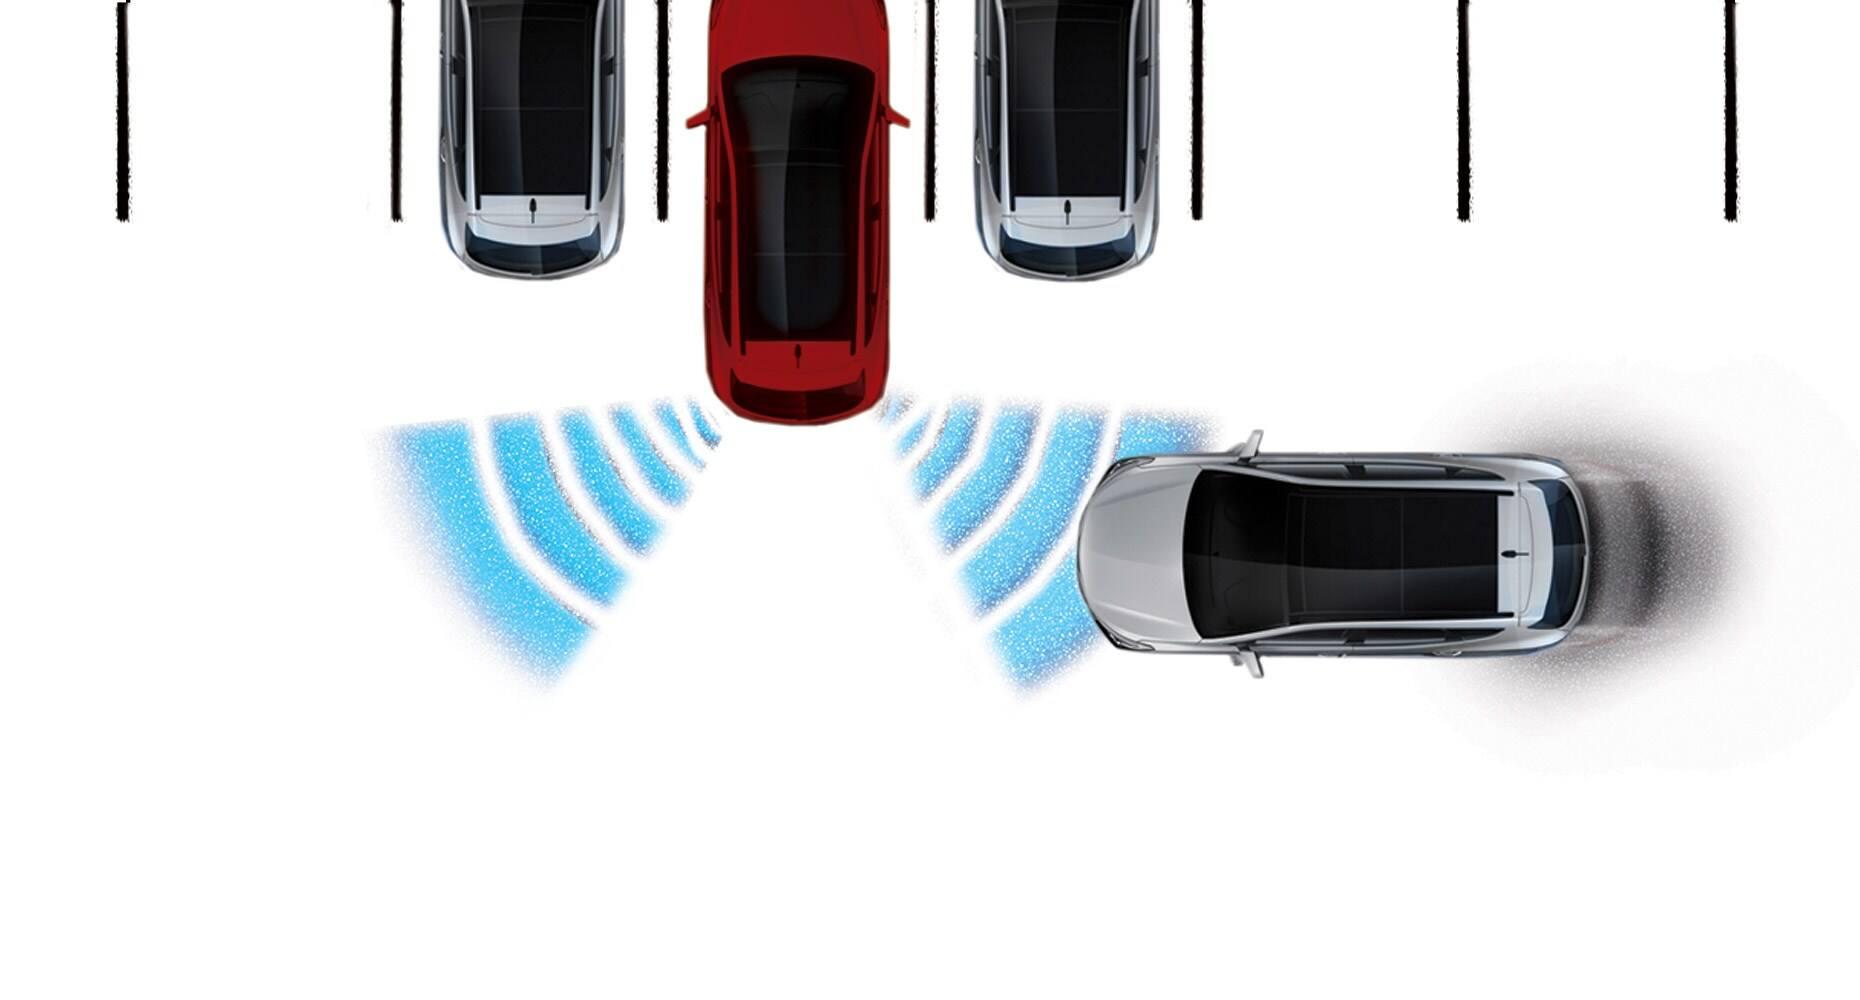 Rear Cross-Traffic Alert